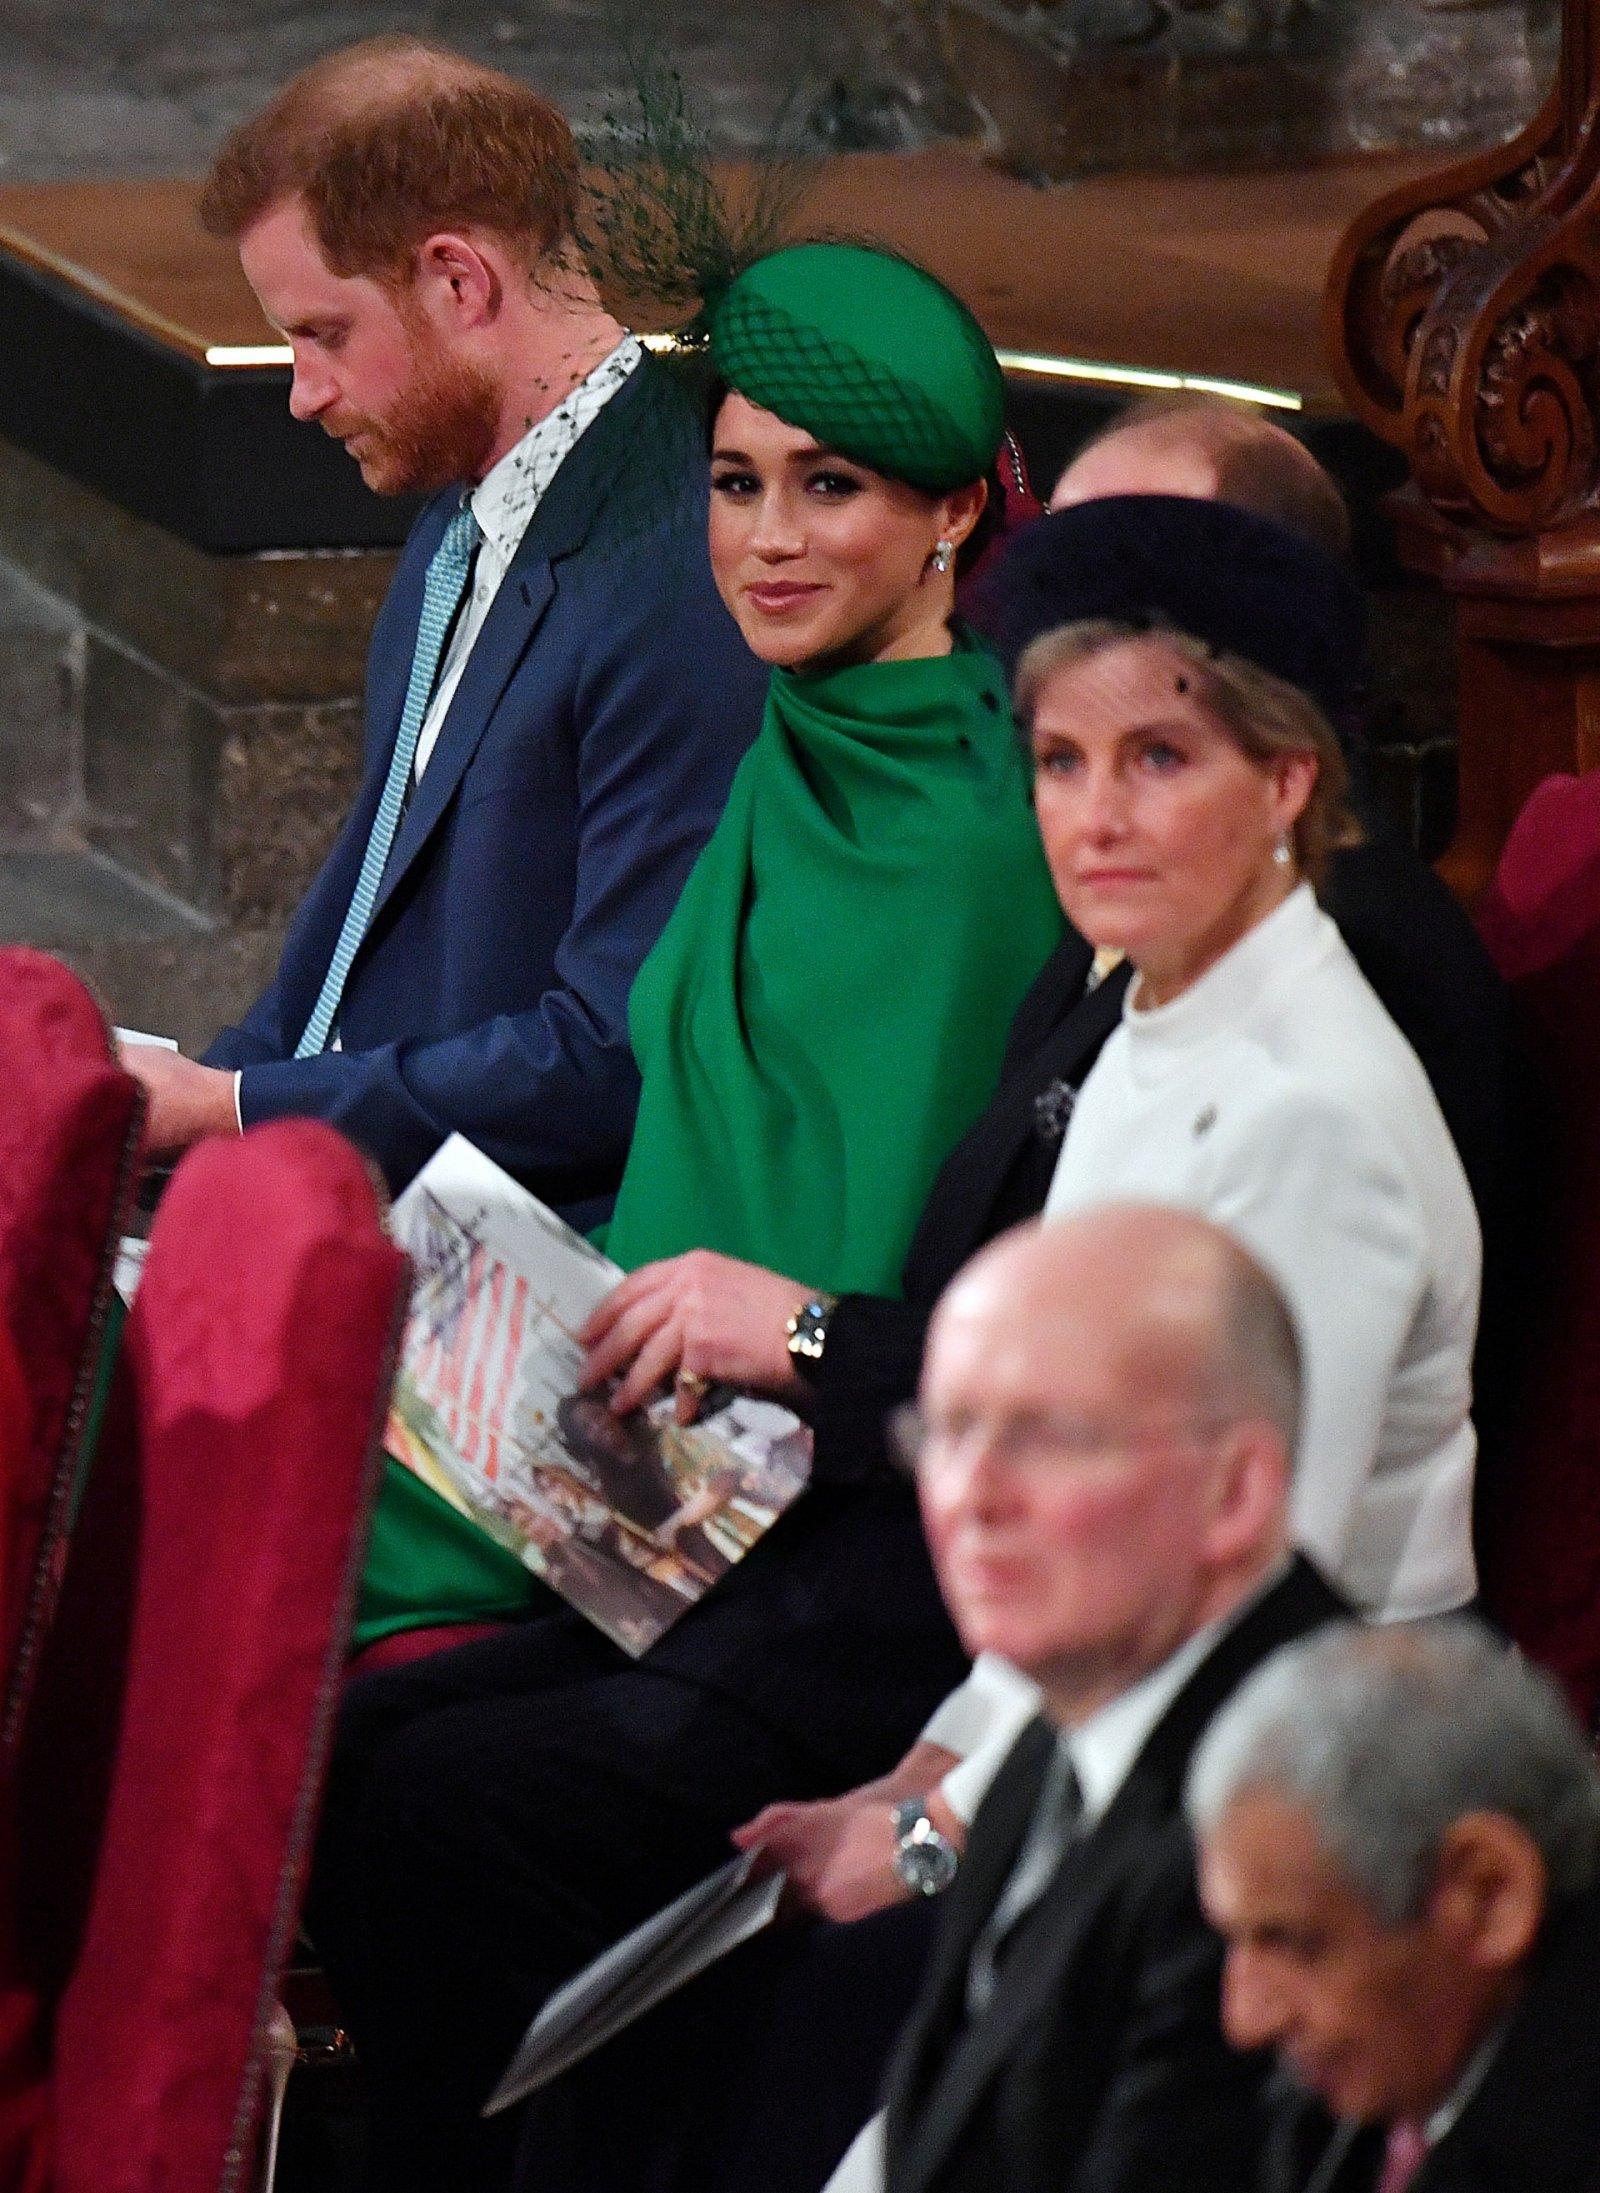 爆王室種族歧視 梅根:諗過自殺